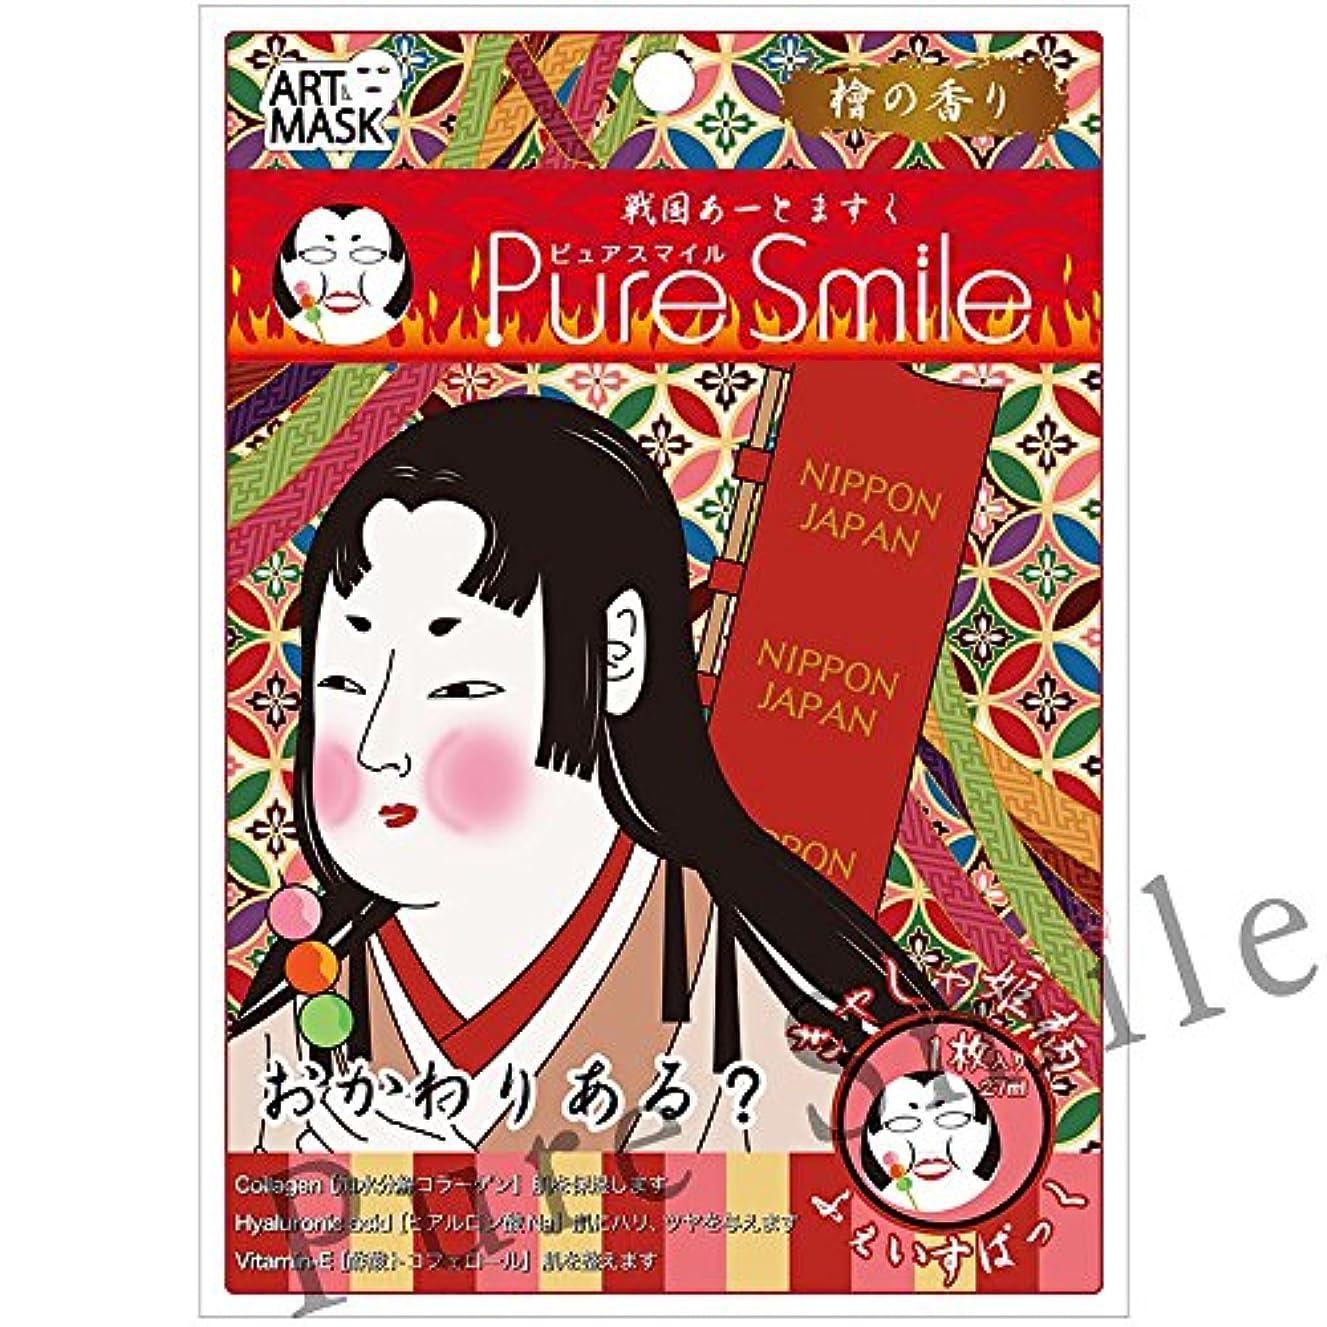 球体ダイジェスト小道具Pure Smile(ピュアスマイル) フェイスマスク/アートマスク『戦国アートマスク』(きゃしゃ姫/檜の香り)